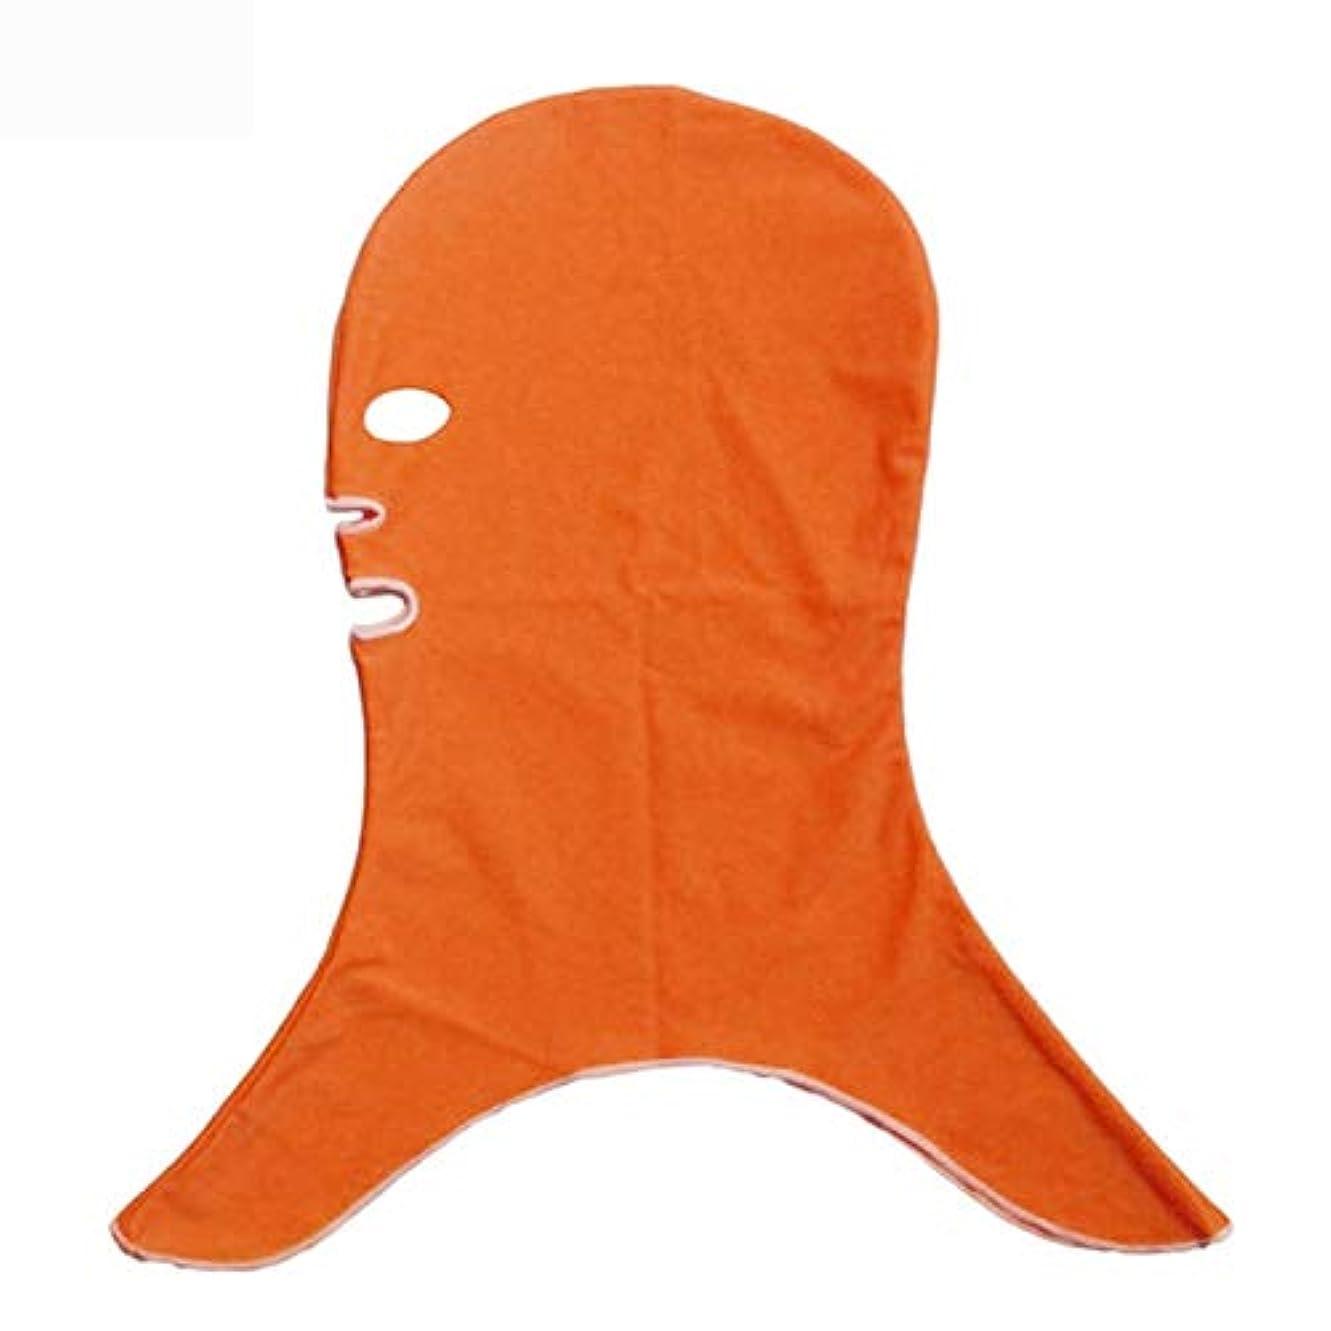 懸念オレンジ幾何学温he スイミングプールマスク日焼け止めUV保護スイミングダイビングマスクスイミングキャップフェイシャルビキニ日焼け止めマスク Facekini (色 : C)